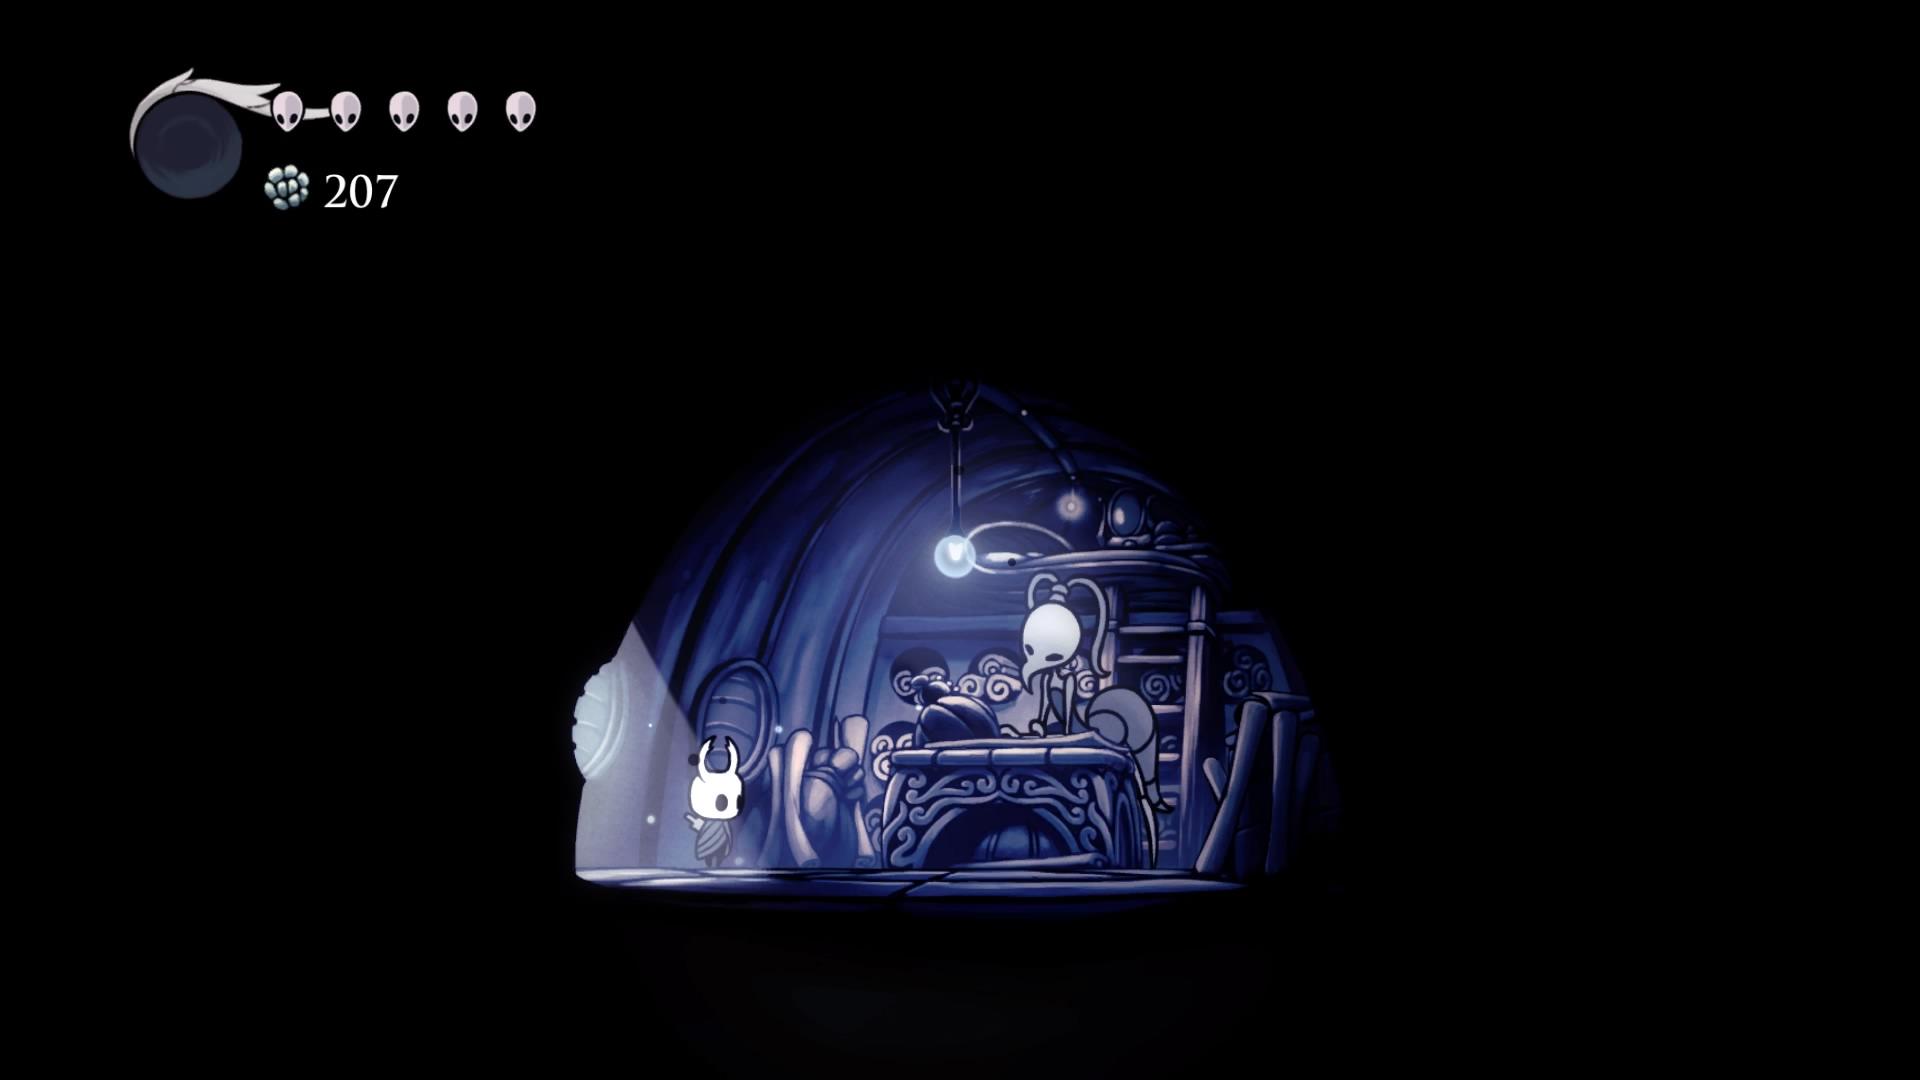 Hollow Knight 20190730161825 1 - Hollow Knight, guida e lore: Sentieri Dimenticati I